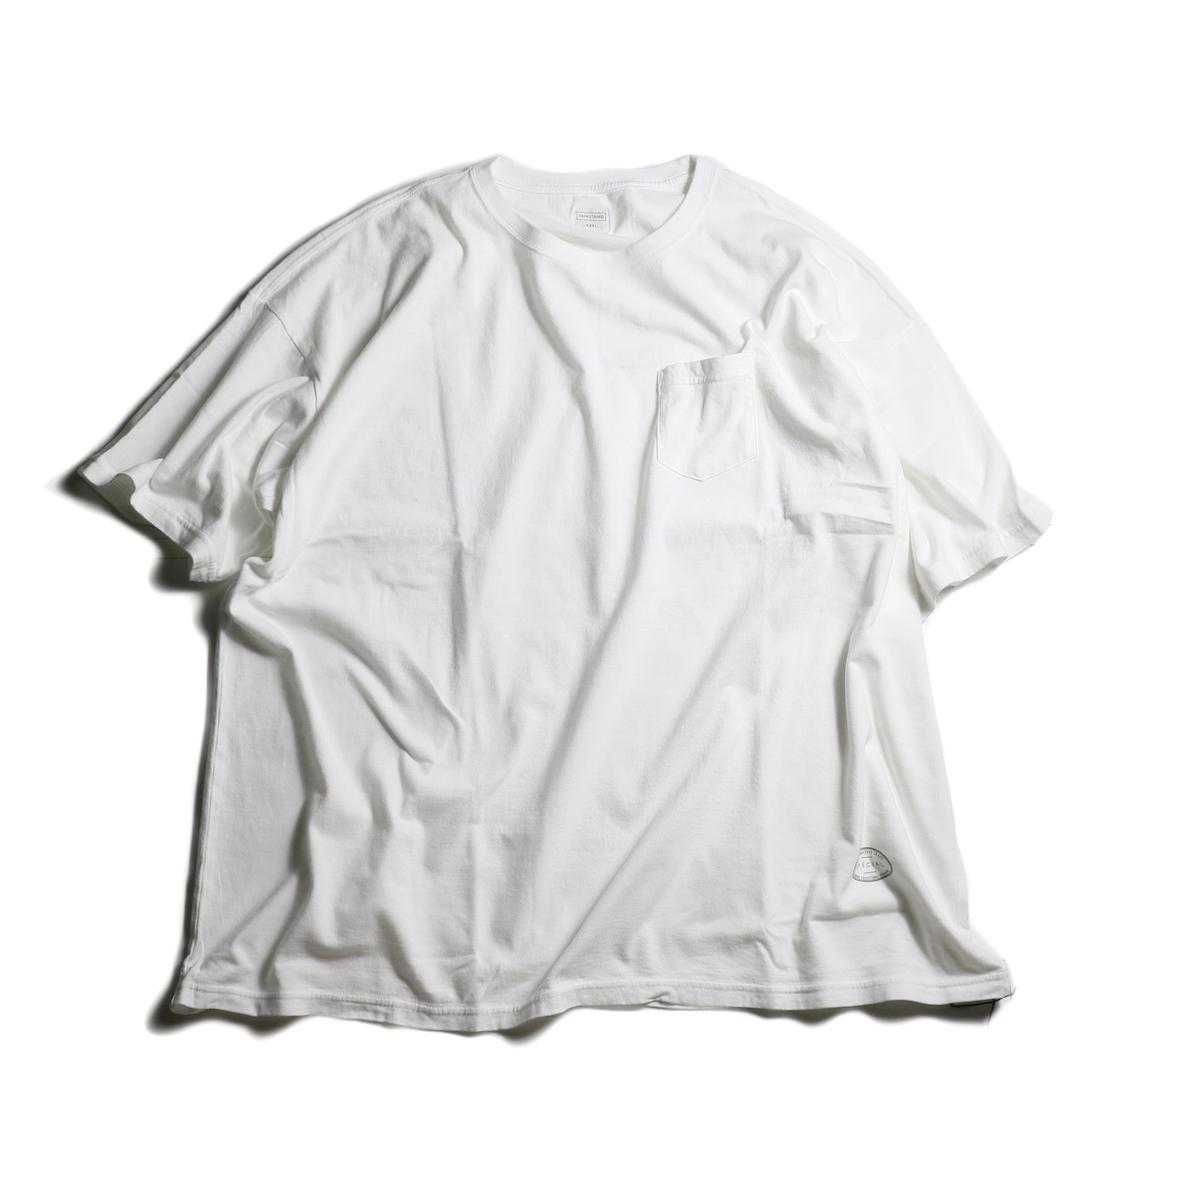 TANGTANG / POCKET (XXXL) (White)